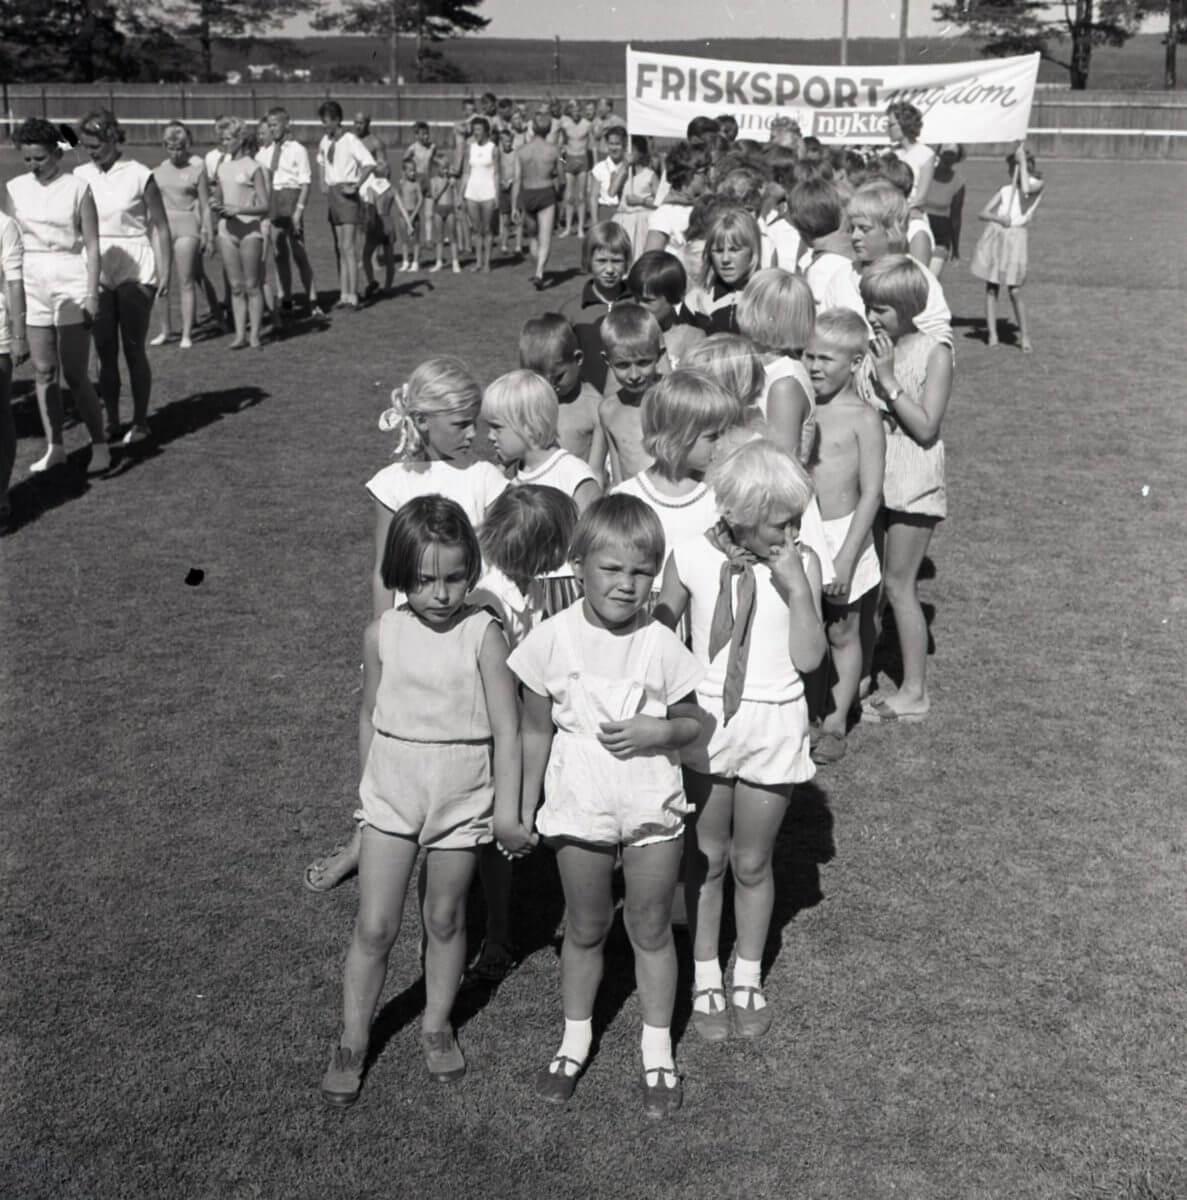 Barn på led vid ett Frisksport evenemang.